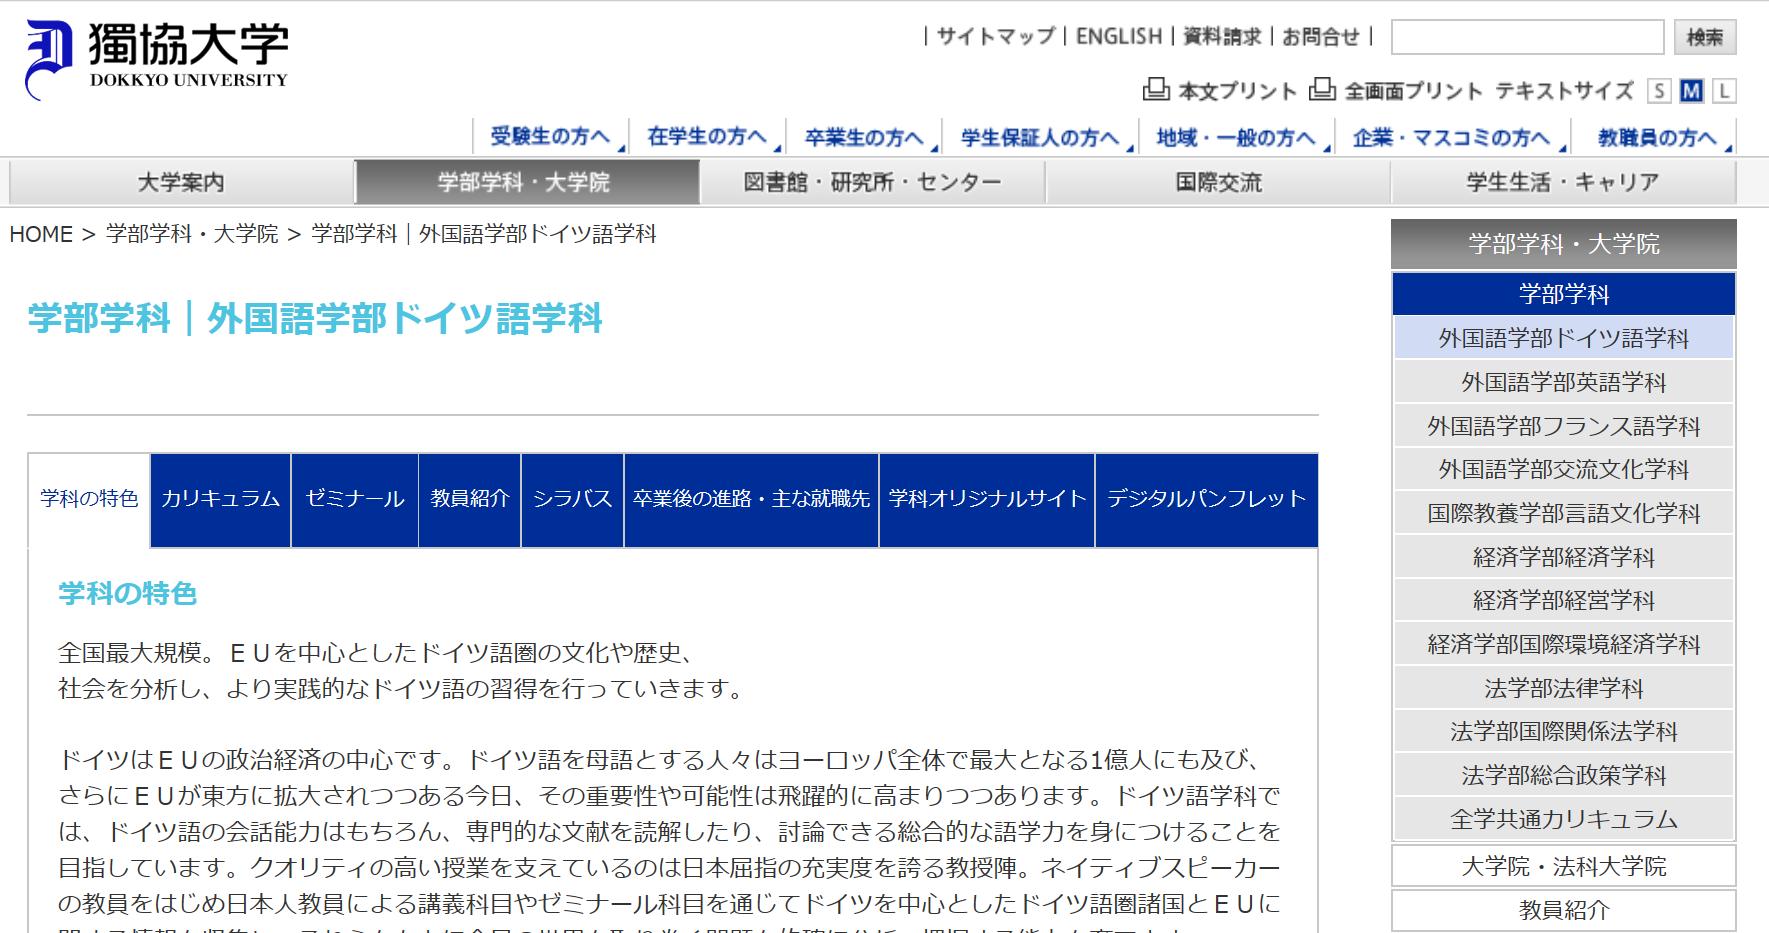 獨協大学の評判・口コミ【外国語学部編】